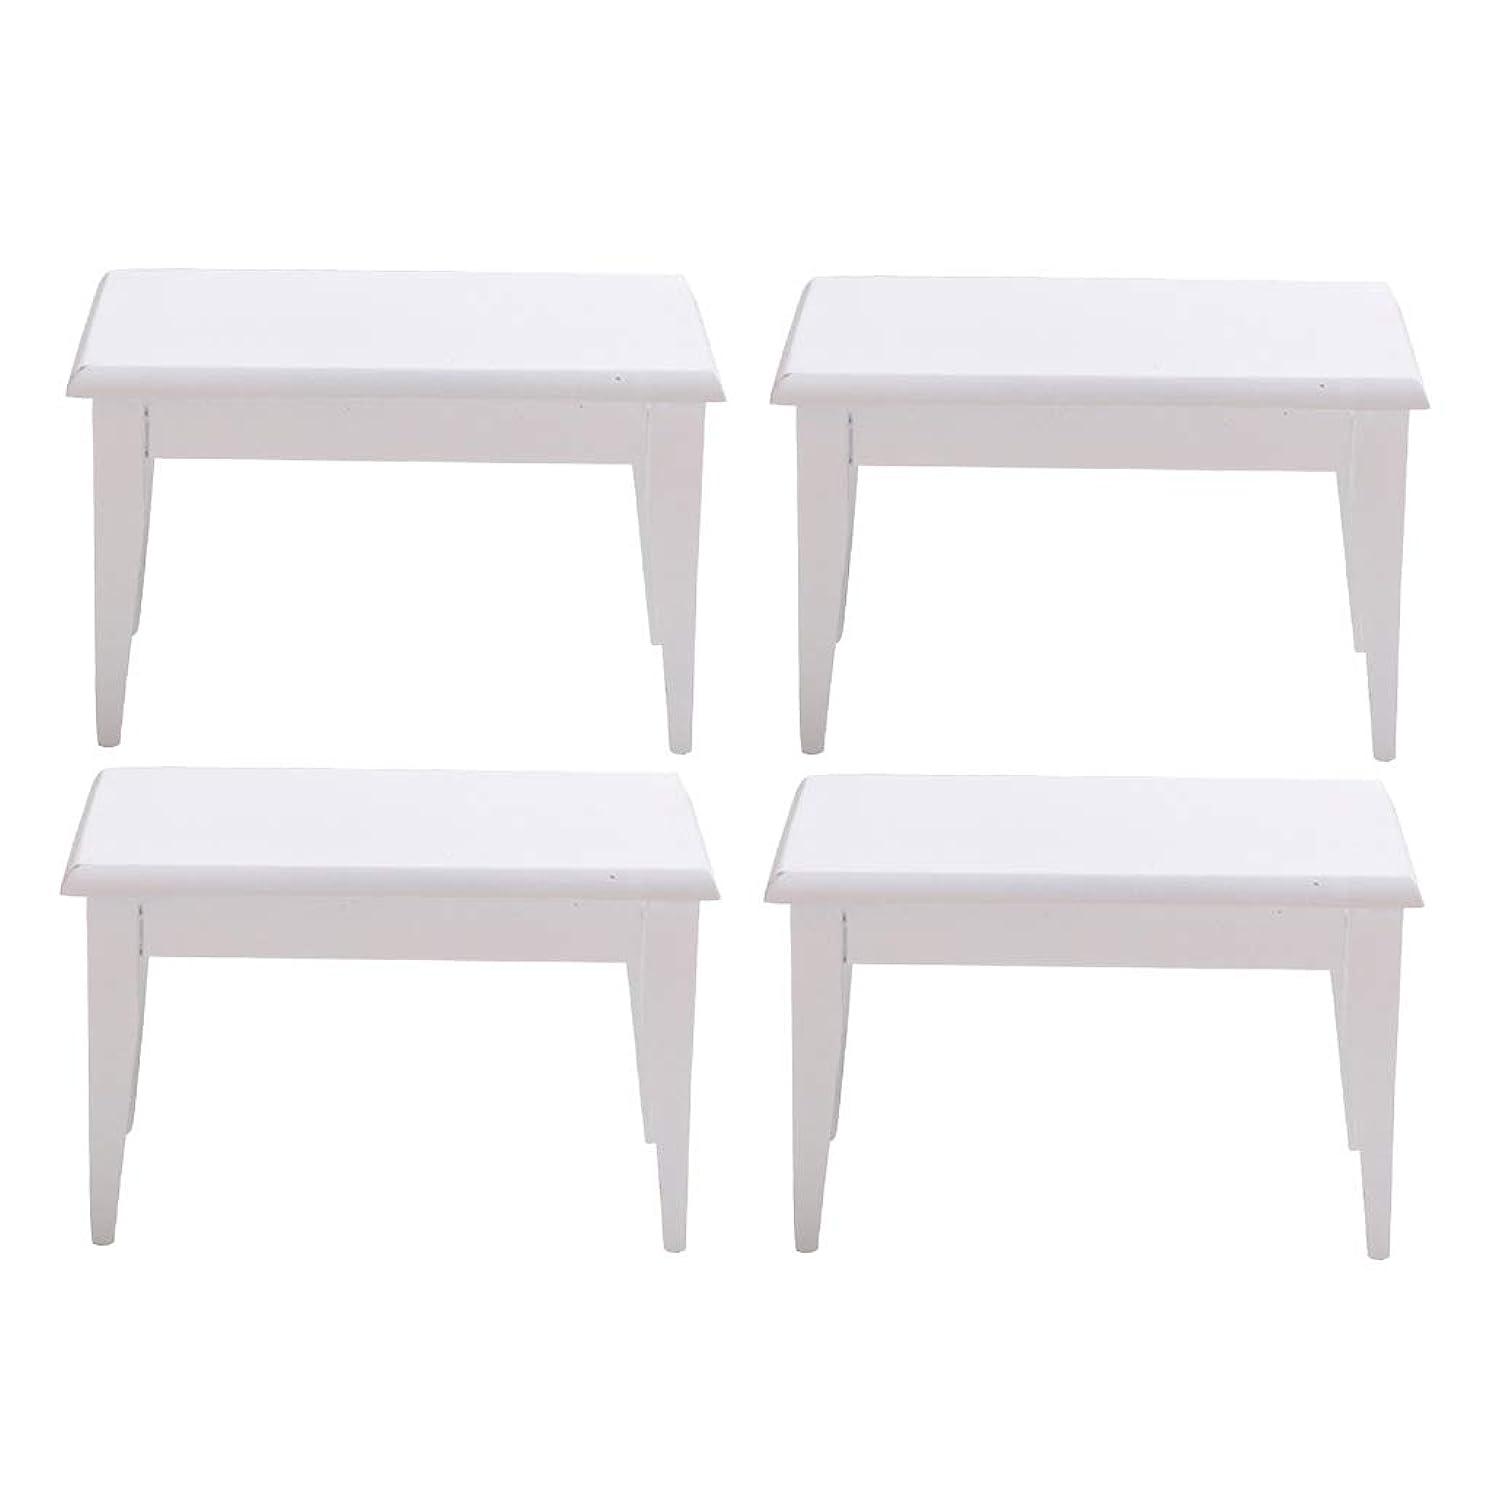 土器気になるガム#N/A 4x1:12ドールハウスミニチュア未塗装木製テーブル家具モデル